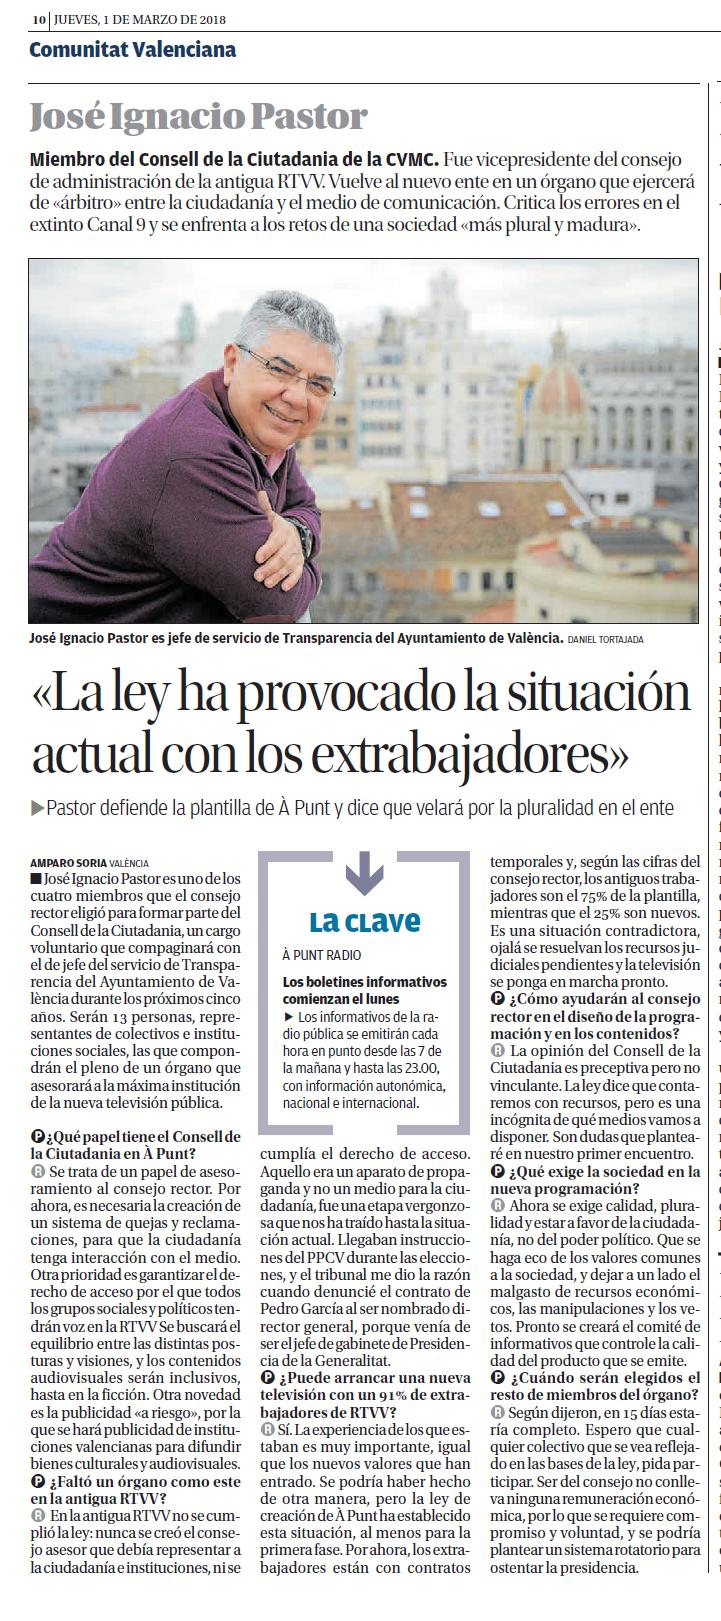 20180301 Levante EMV pag 10 Entrevista a Jose Ignacio Pastor Consell de la Ciutadania retallat